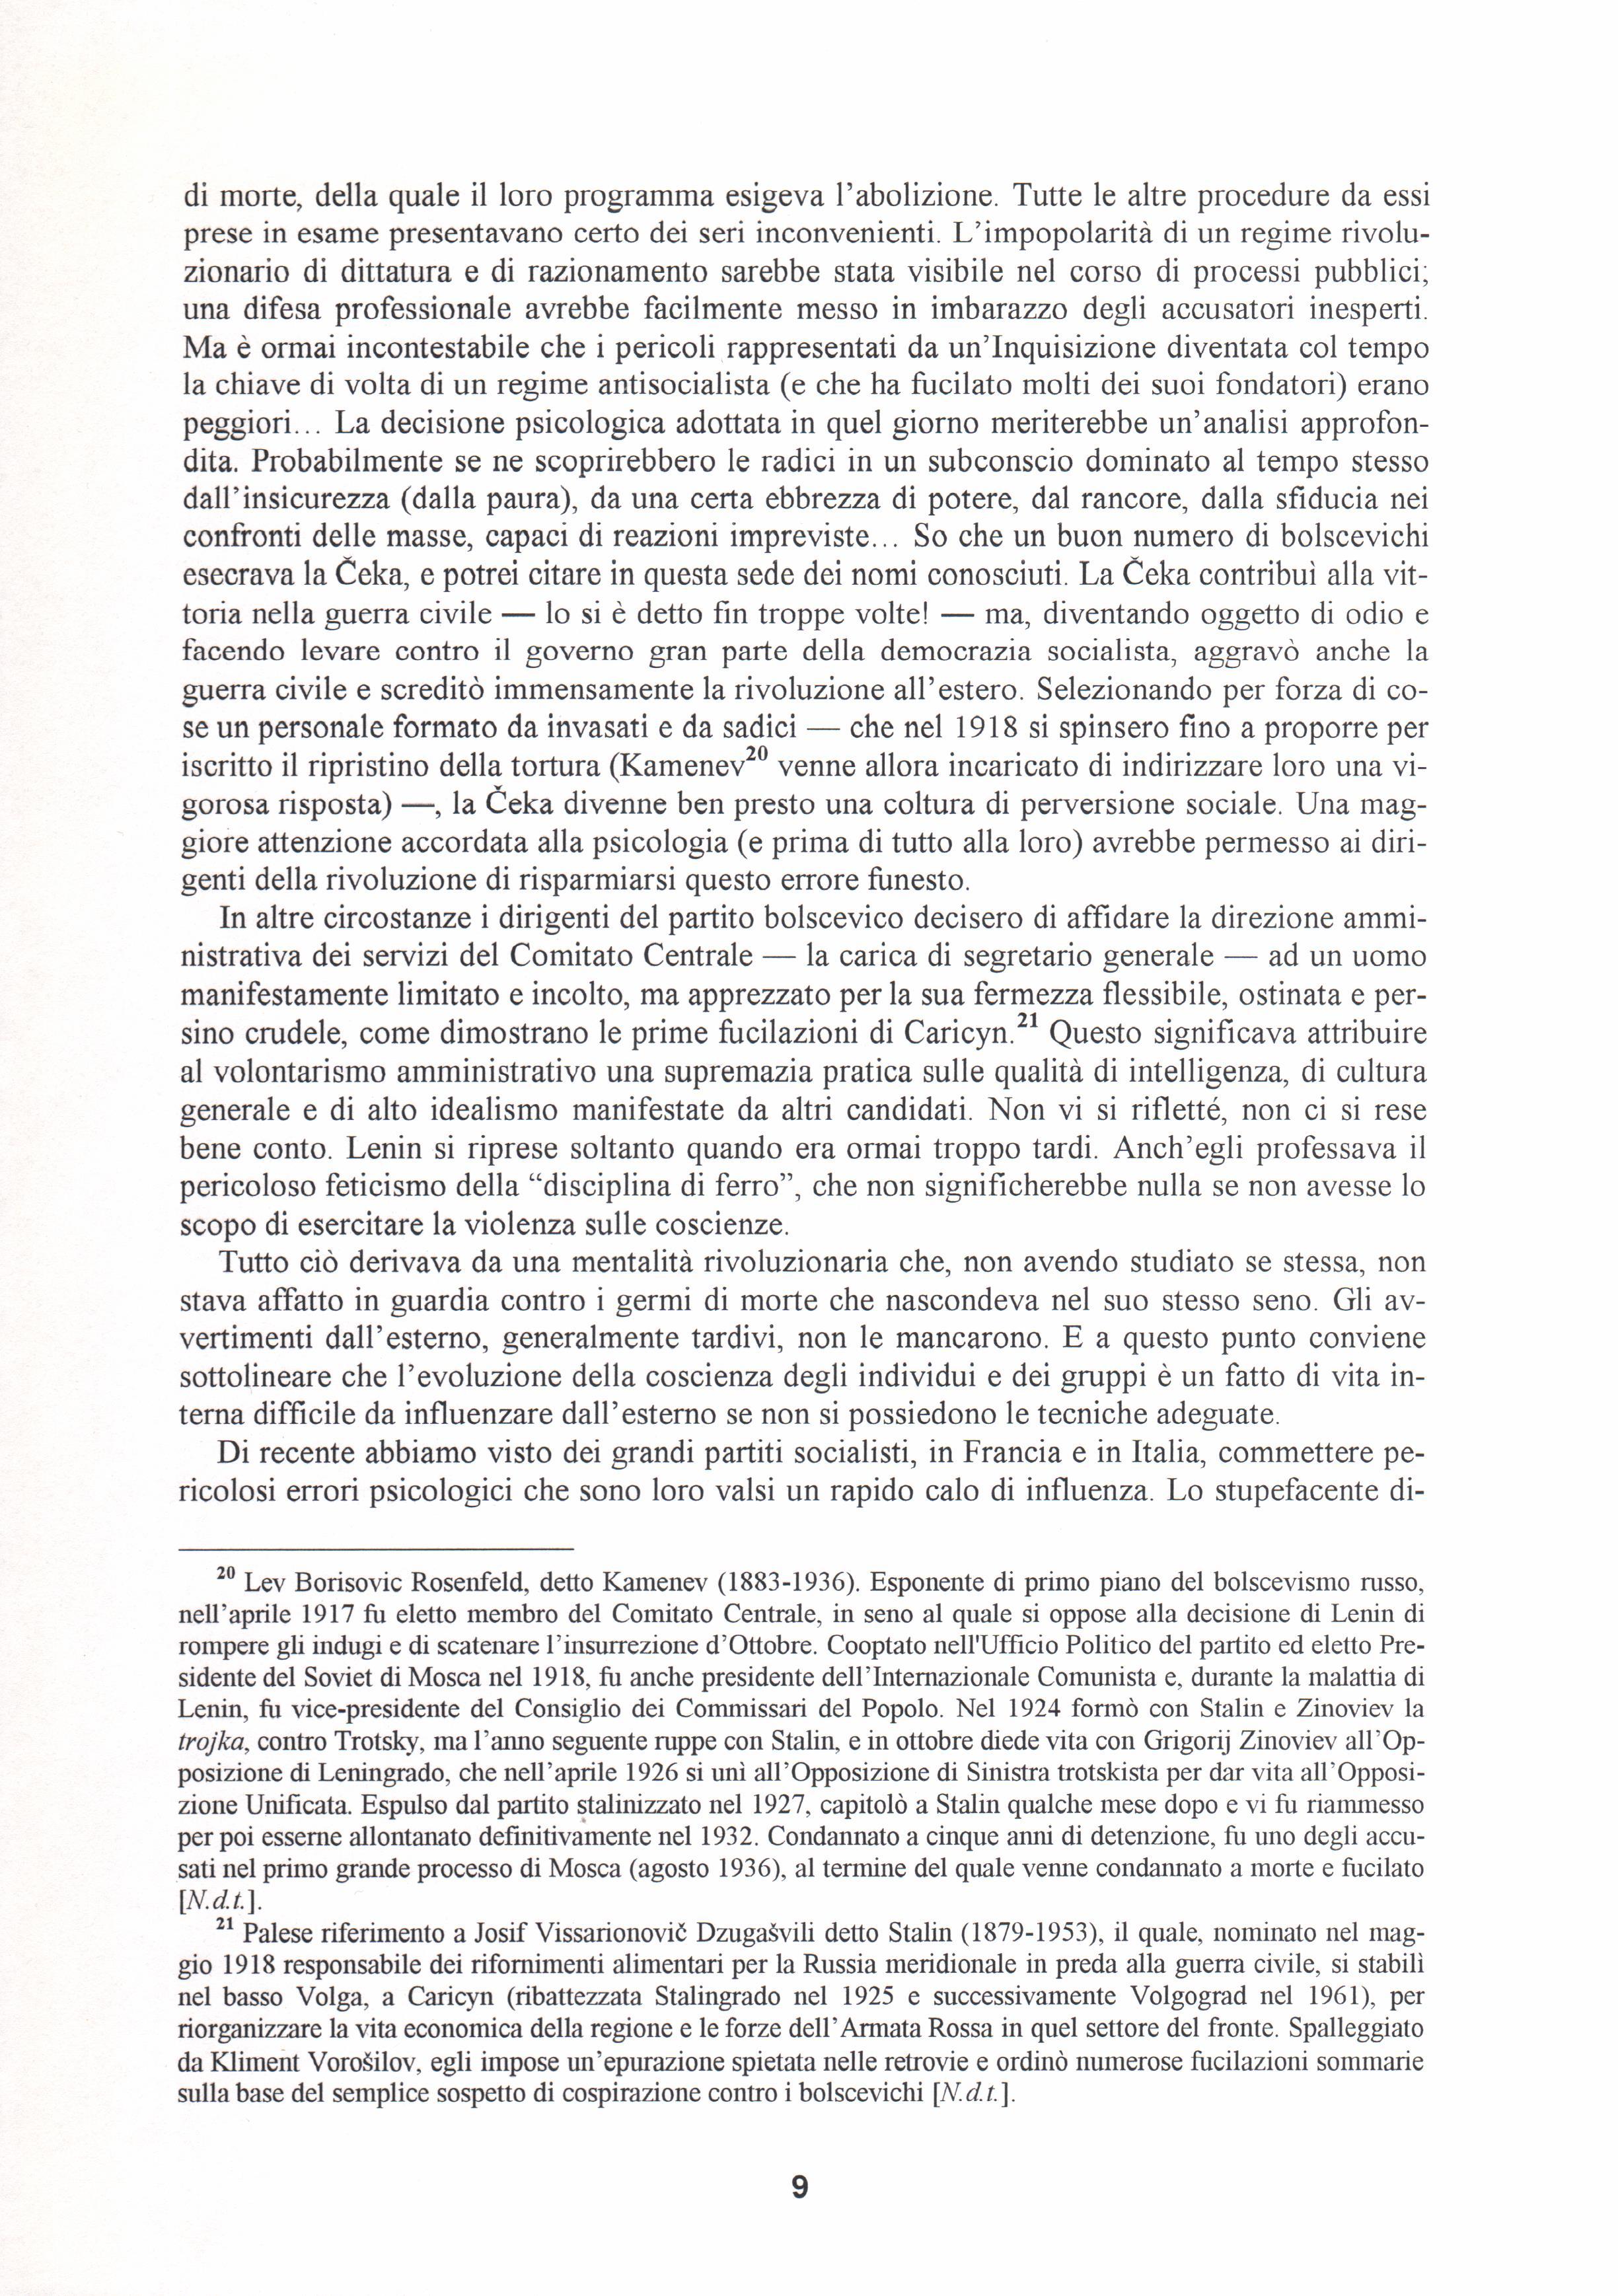 Quaderno n. 20 - pag. 10